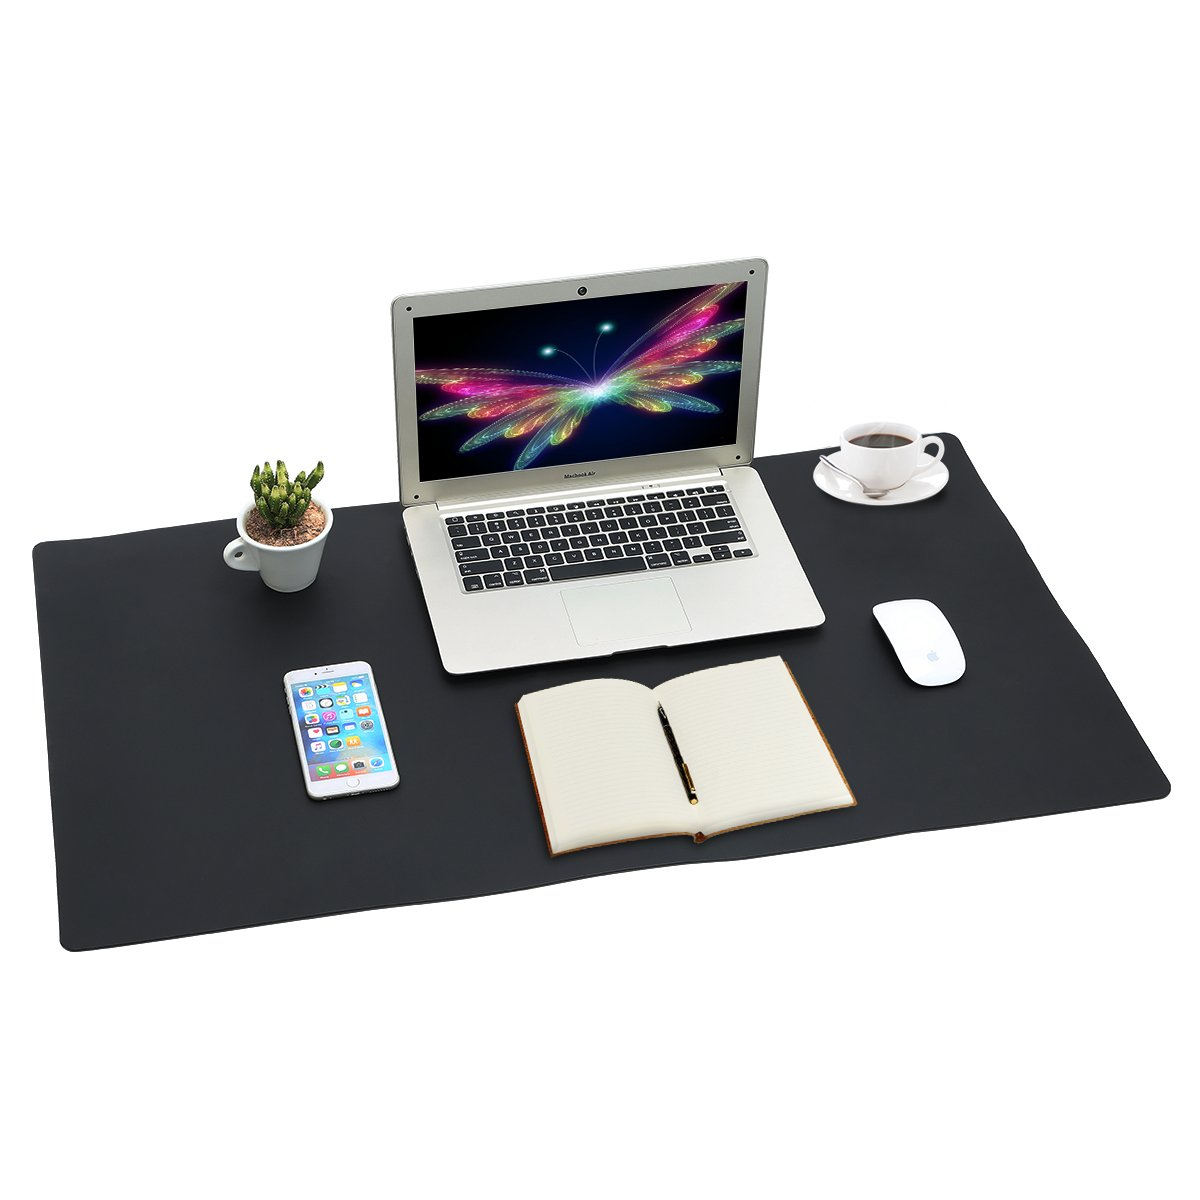 Forniture per pad da ufficio laptop computer tastiera tappetino da scrittura Toneseas tappetino per mouse durevole assorbente da scrivania per giochi 36 x 20 antiscivolo protettore in morbida pelle resistente allacqua casa